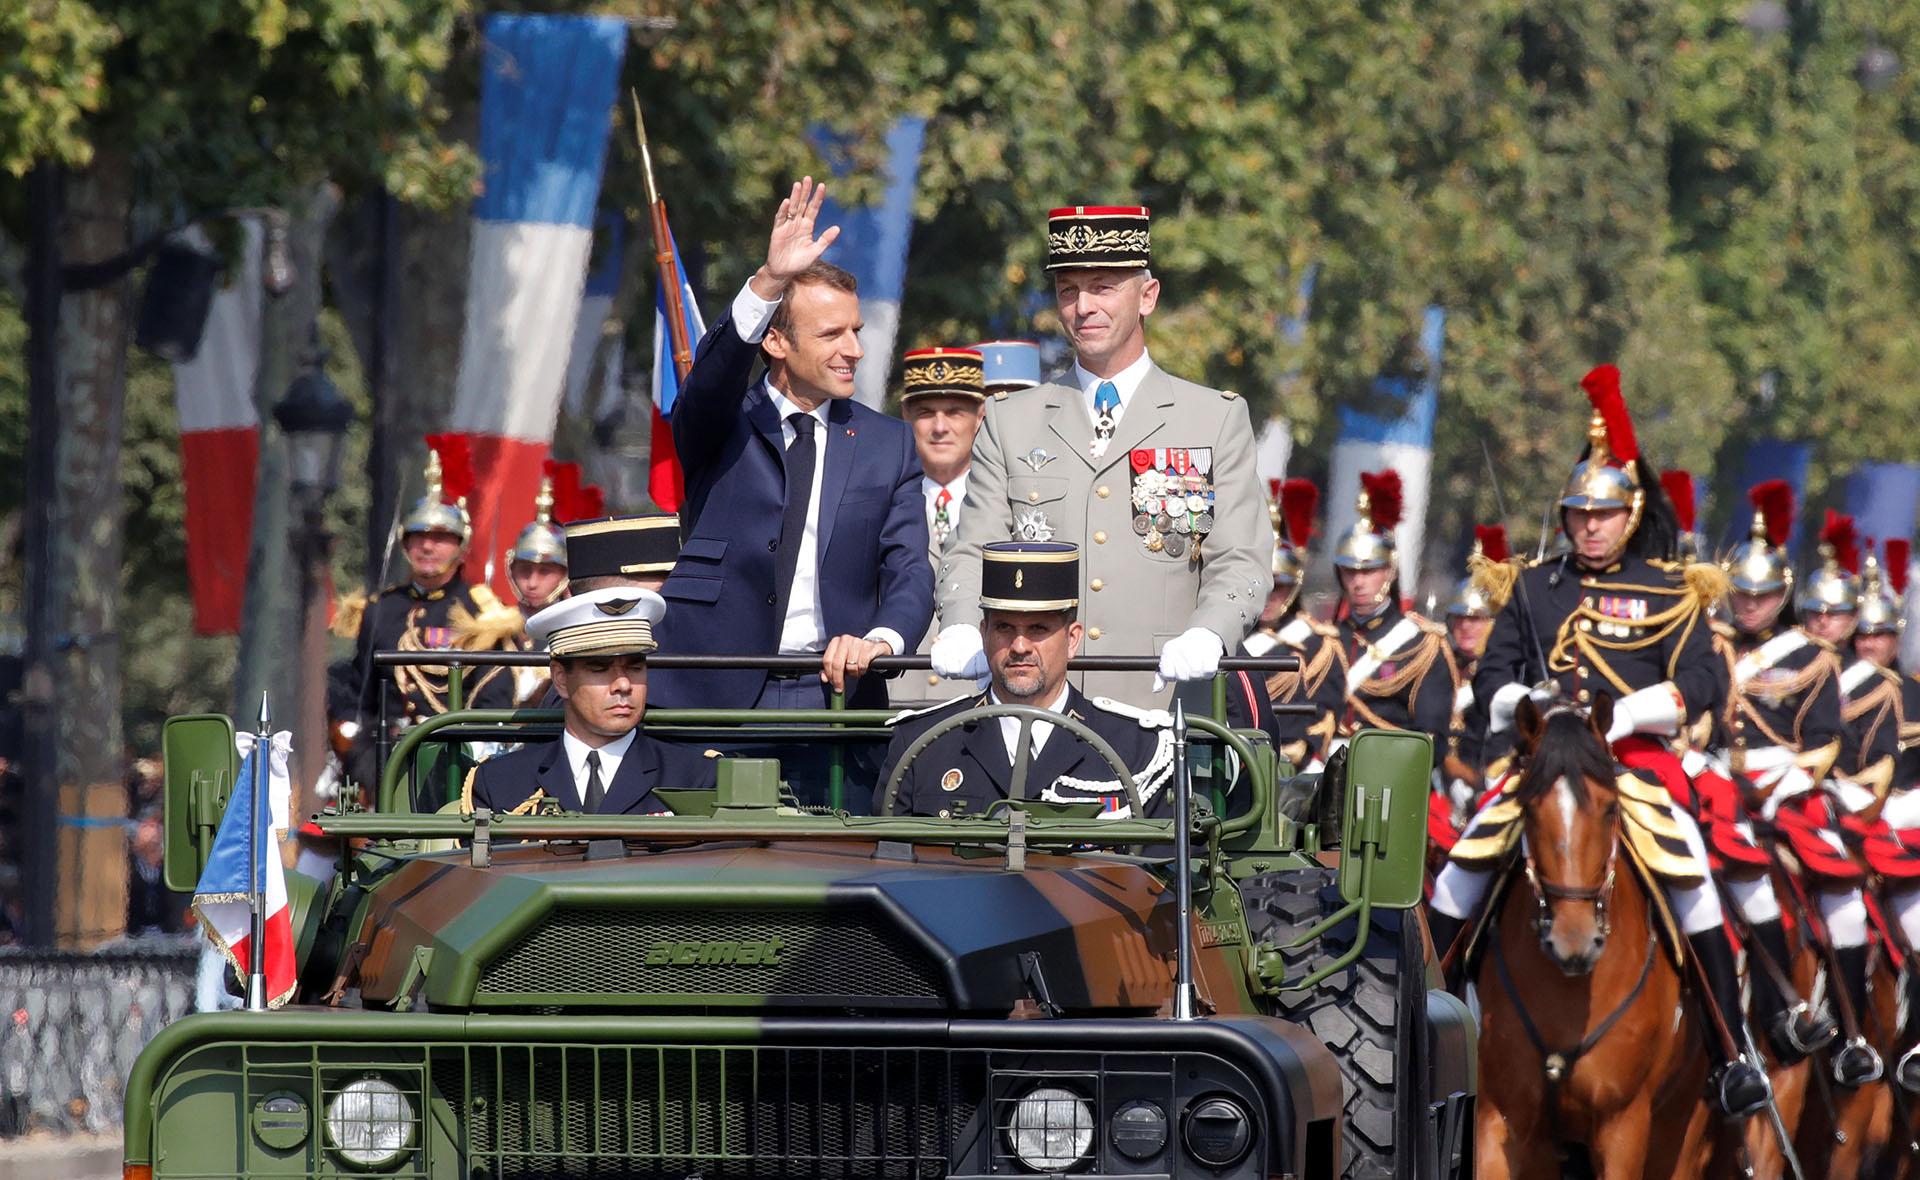 La espera del partido, que los franceses dan ya prácticamente por ganado, sirvió para hacer resurgir los valores patrióticos y los colores de la bandera que hoy con más motivos lucían los ciudadanos en las calles de París, también en el margen del acto militar, en los Campos Elíseos